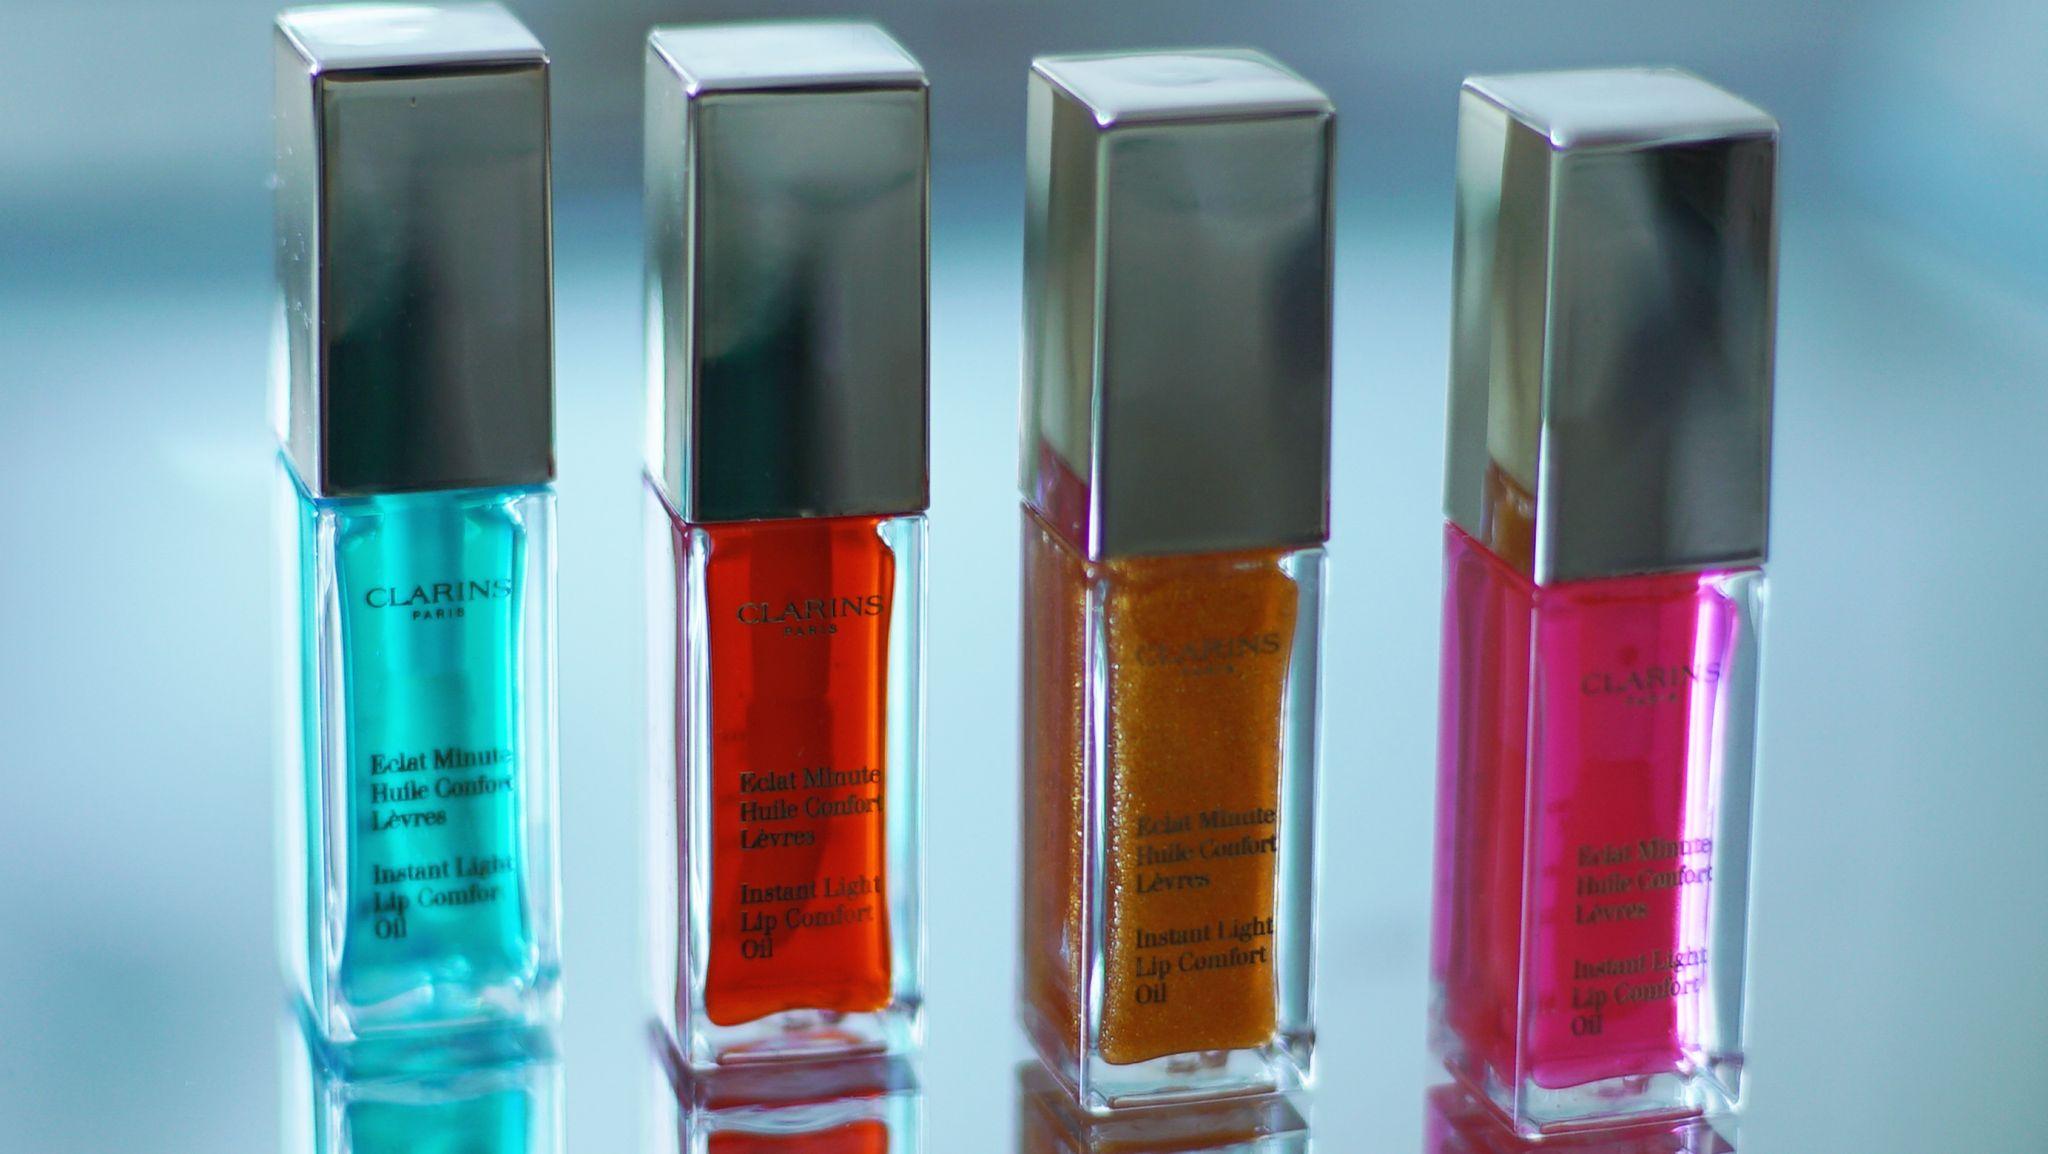 Clarins Lip Oils New Shades Fleur De Force